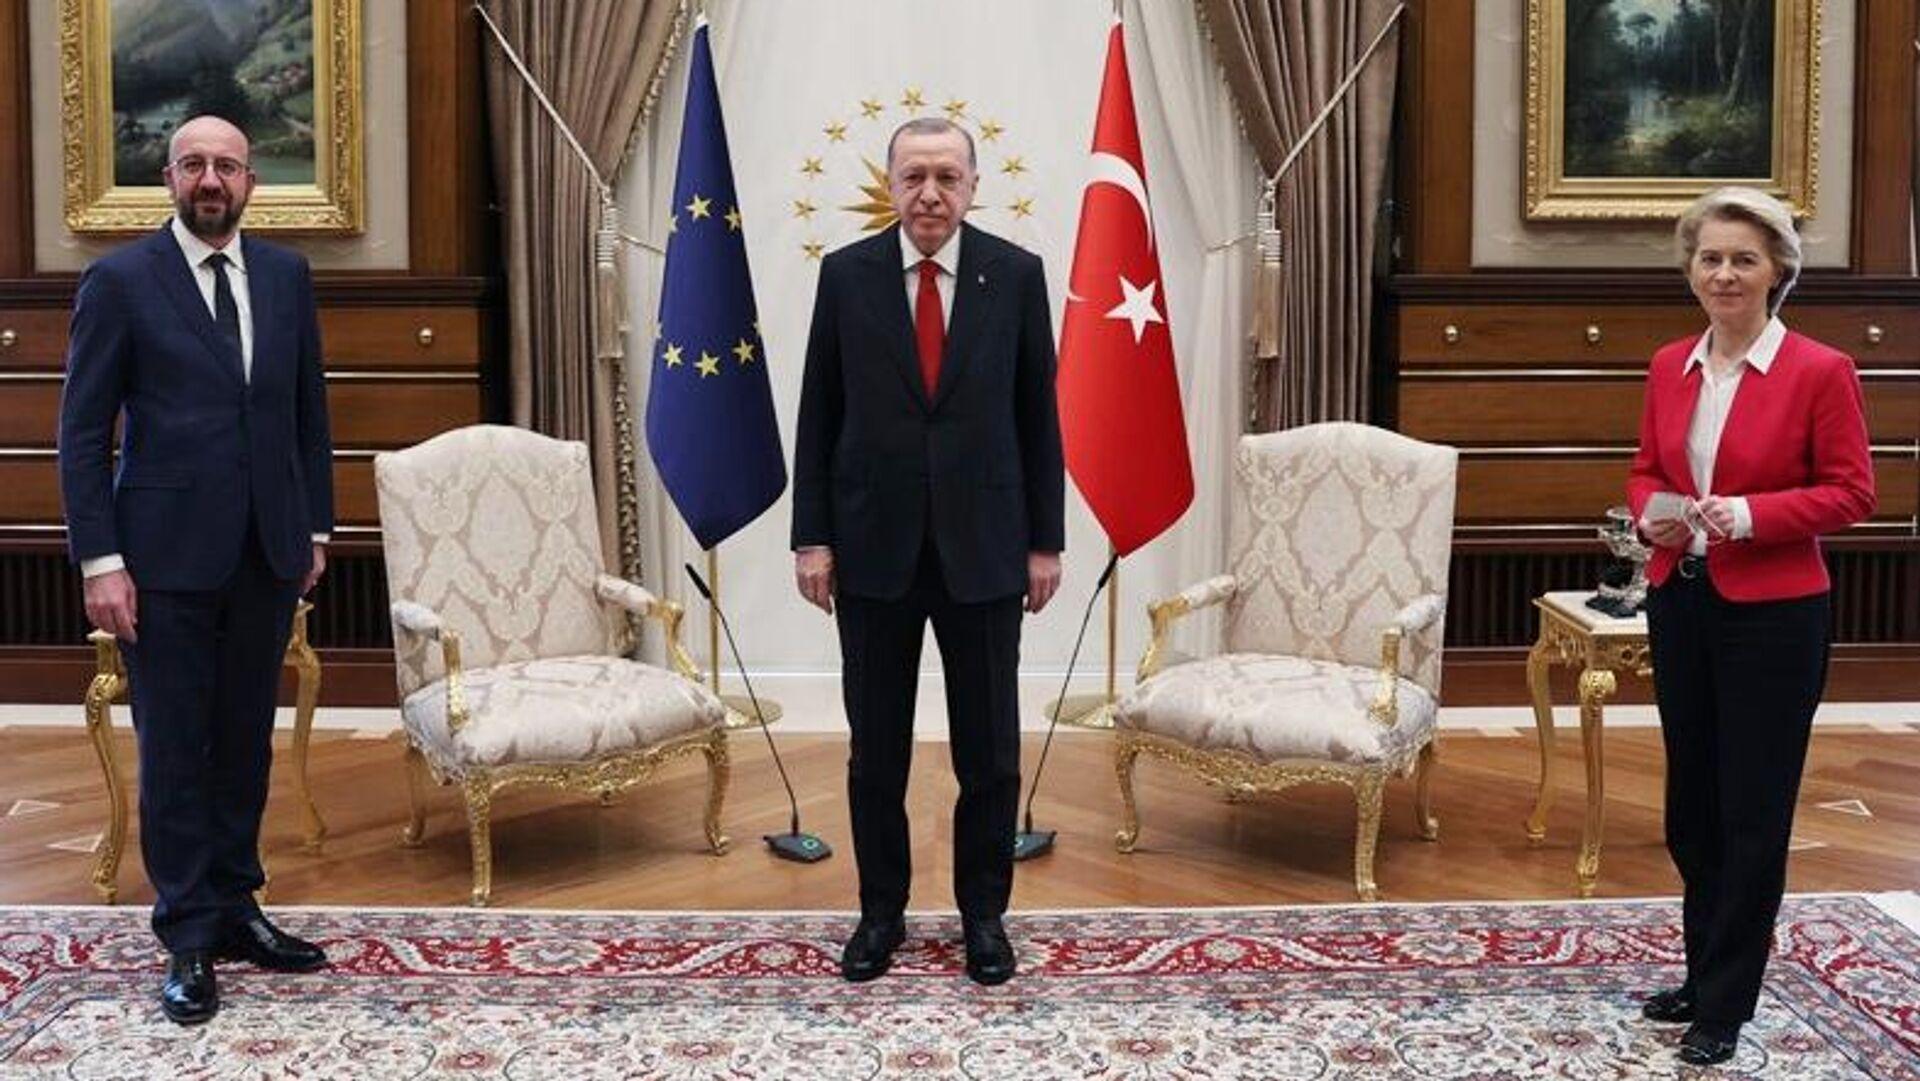 Президент Турции Реджеп Тайип Эрдоган на встрече с главой Евросовета Шарлем Мишелем и президентом Еврокомиссии Урсулой фон дер Ляйен - РИА Новости, 1920, 08.04.2021